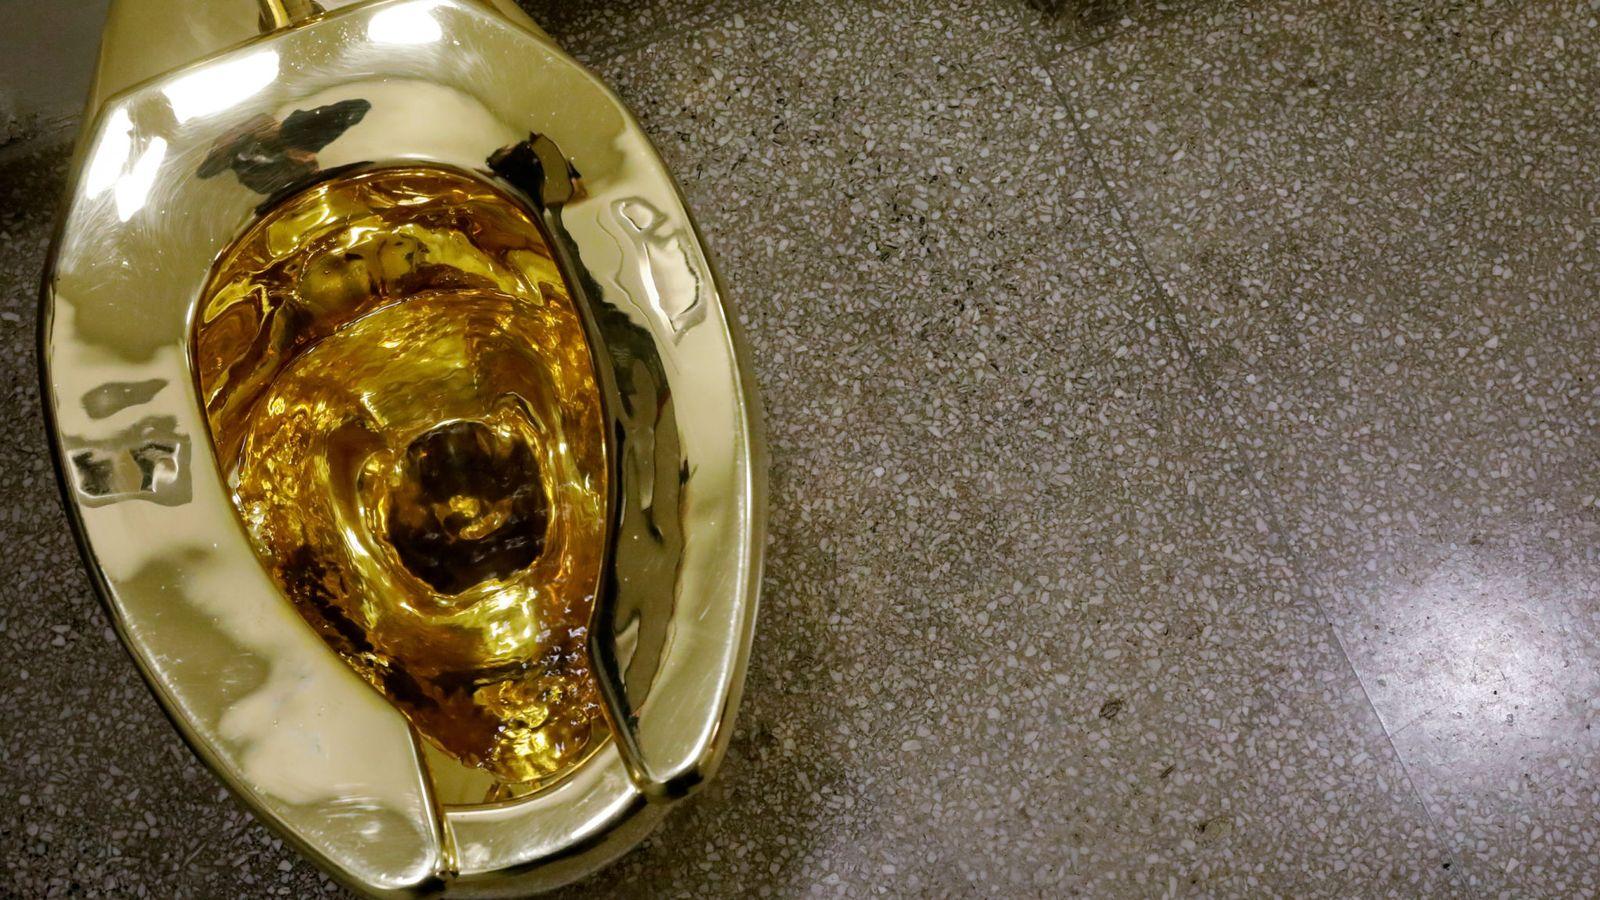 نصب توالت پر ماجرای طلایی در کاخ بلنهایم+تصاویر